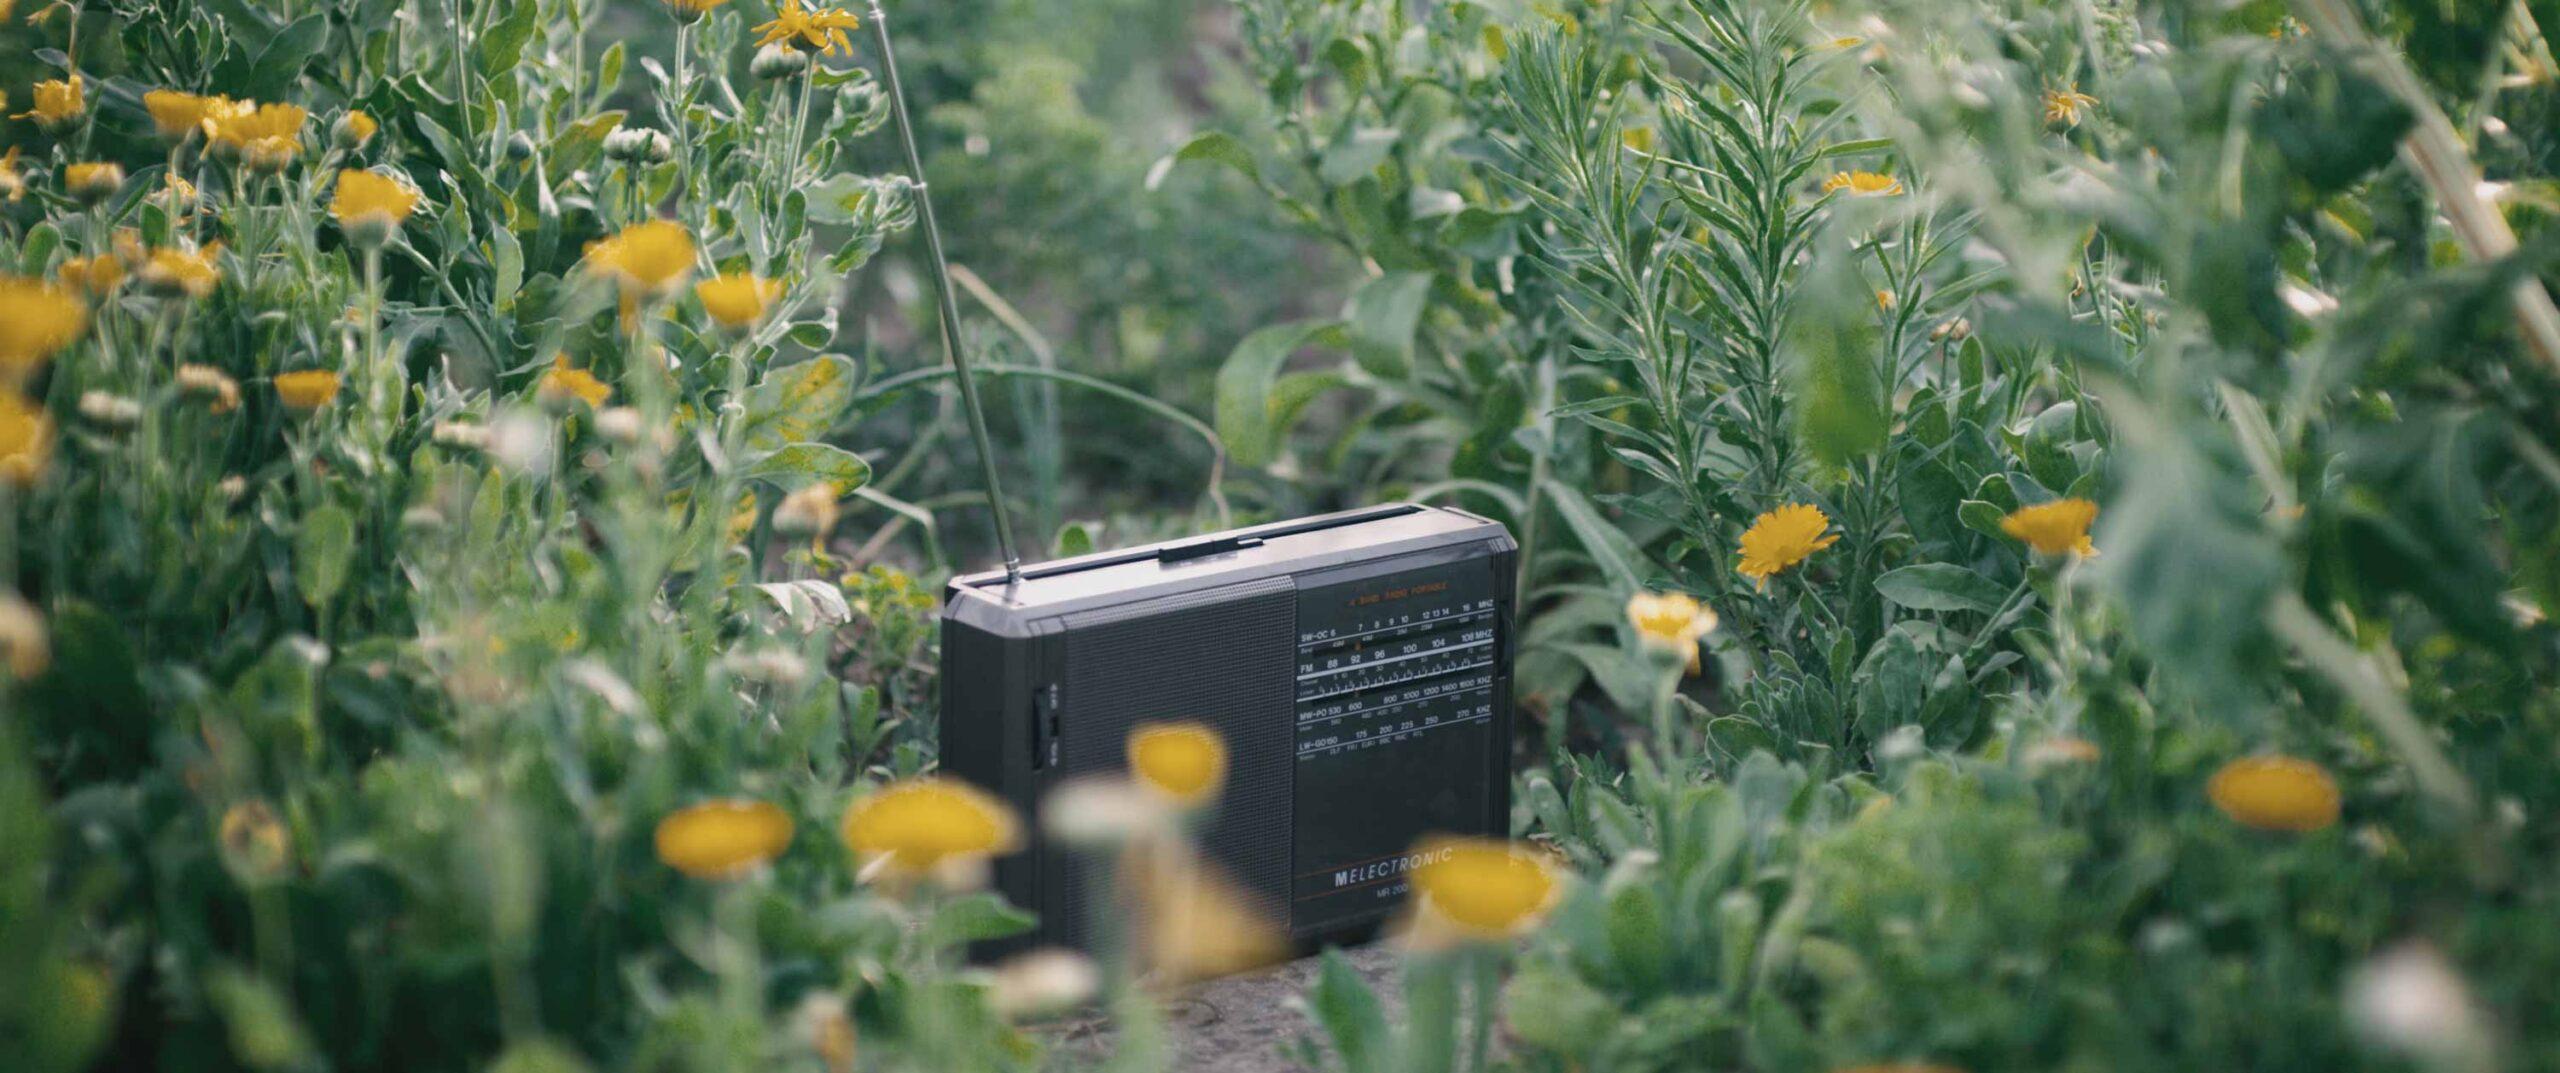 Pünt | radio in garden